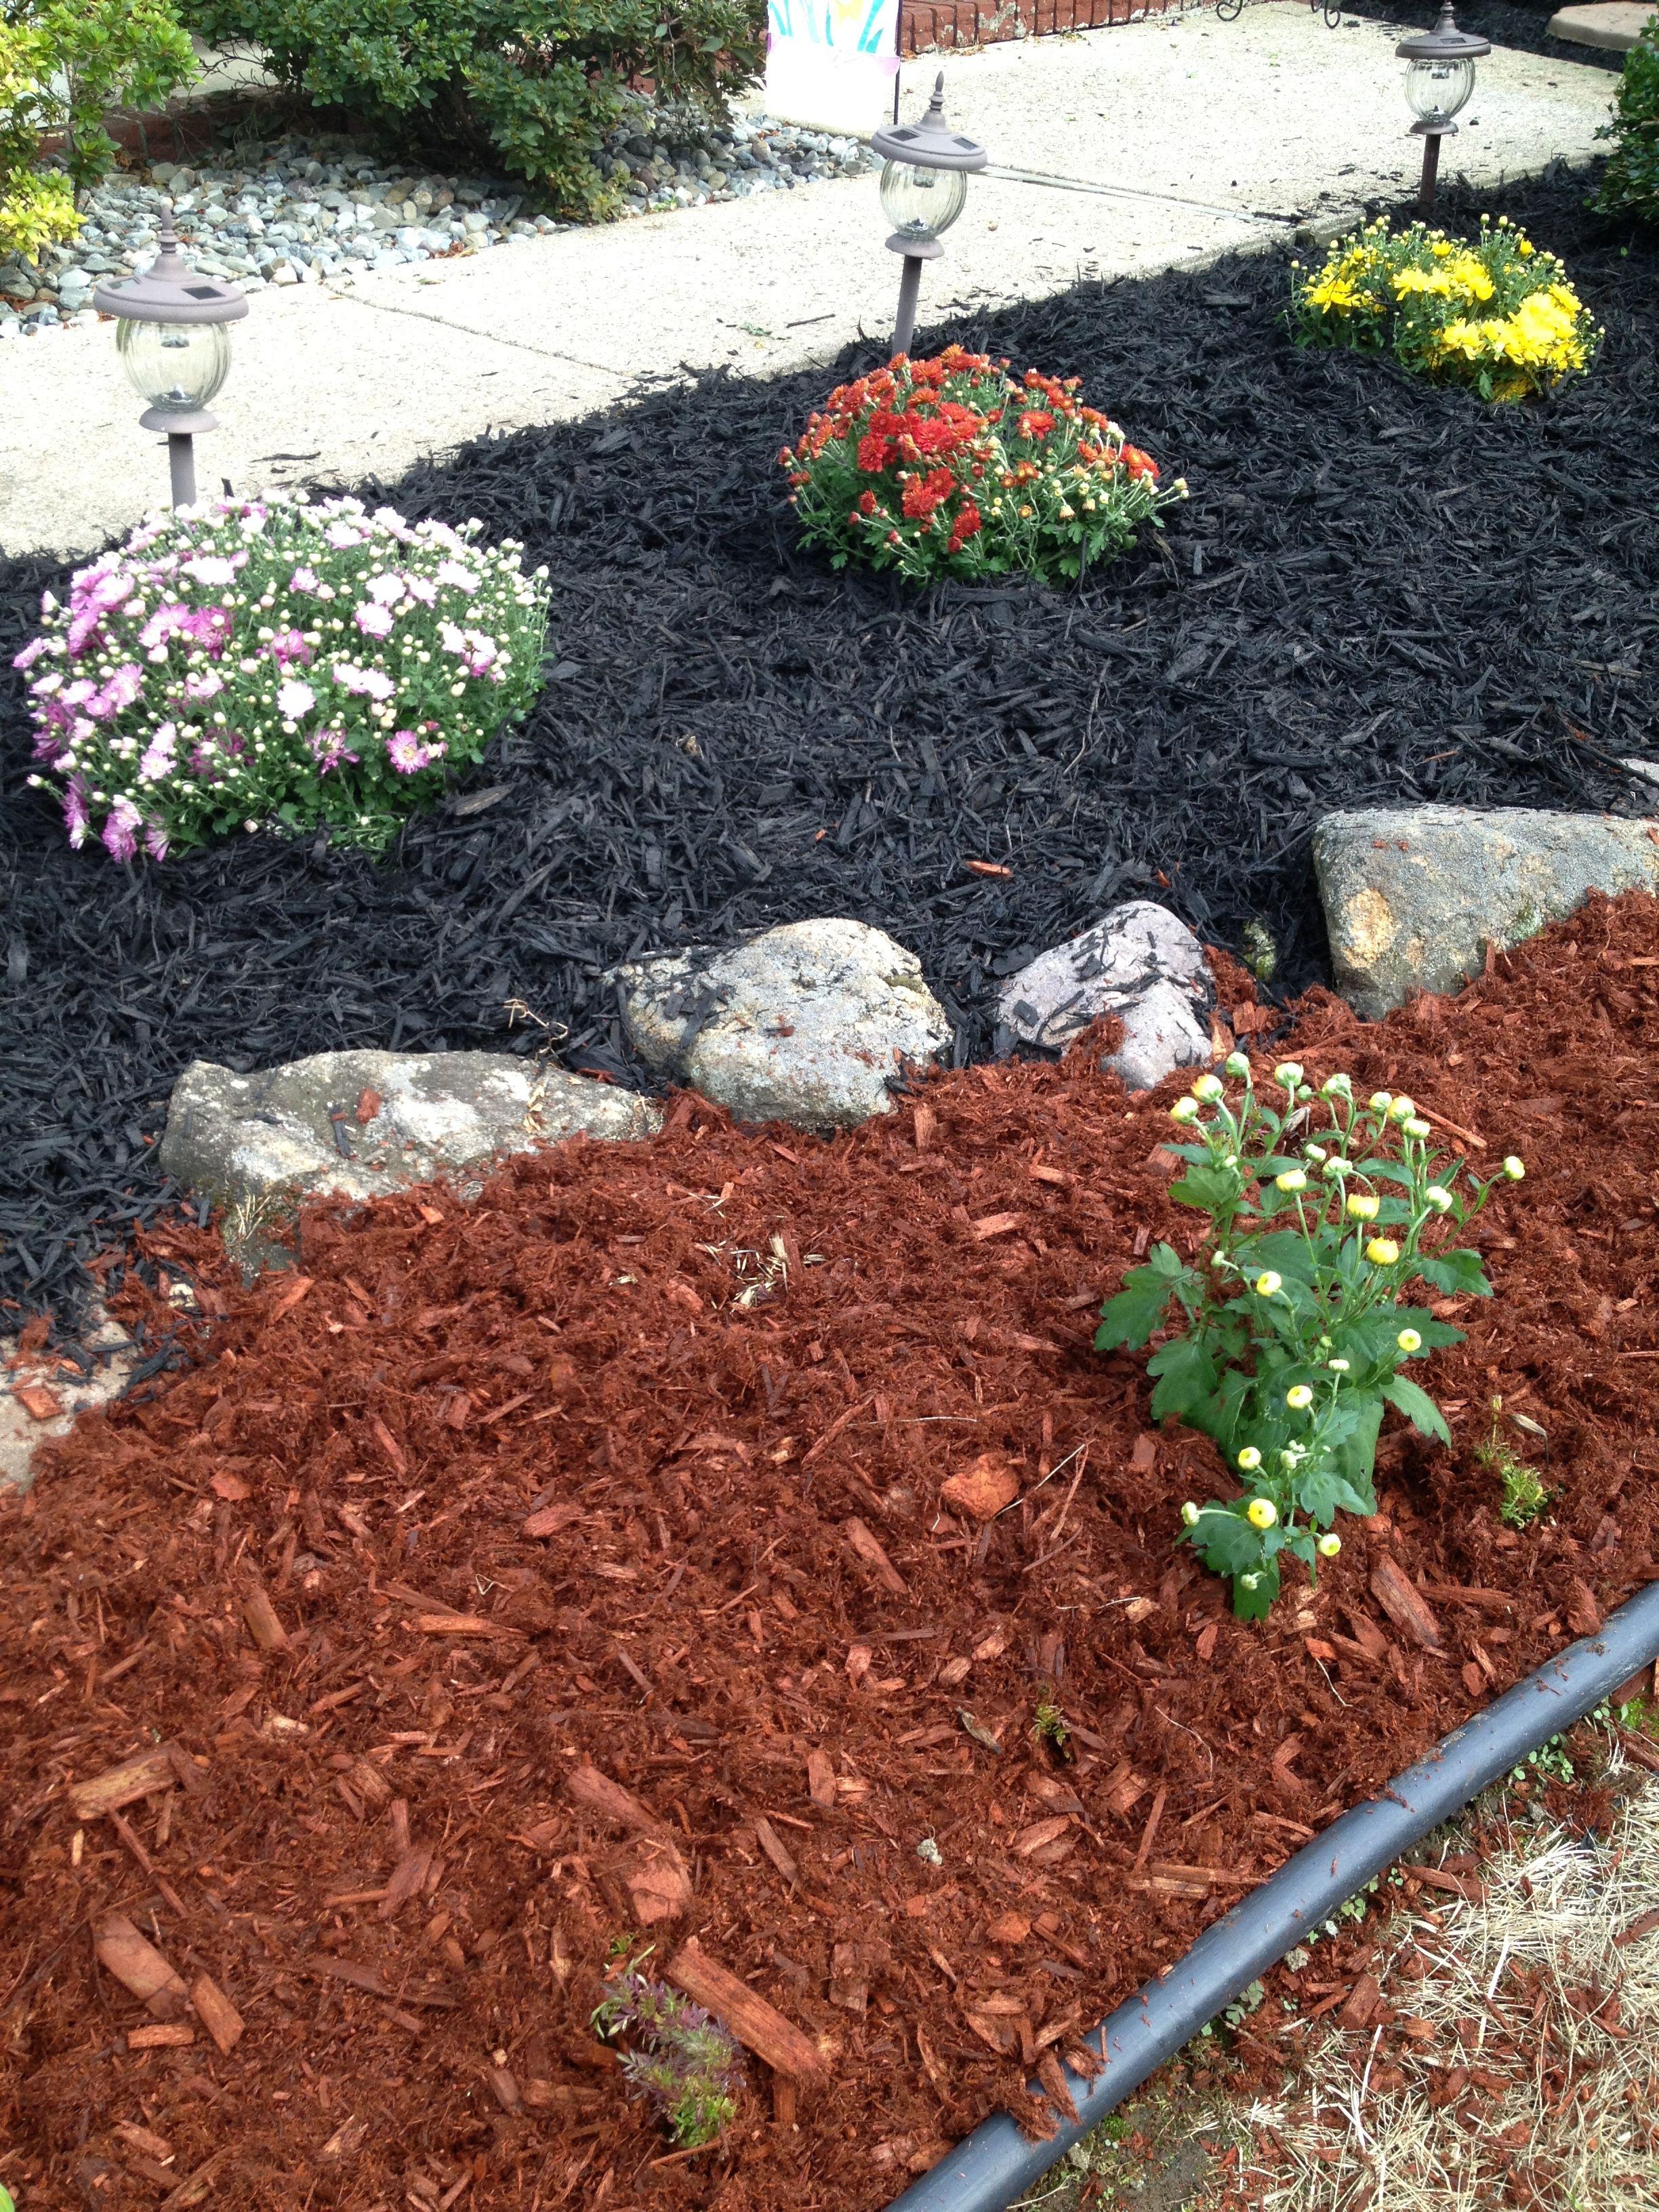 bea954b5abc9db133f405dbeb3cac71a - Best Bark Mulch For Flower Gardens